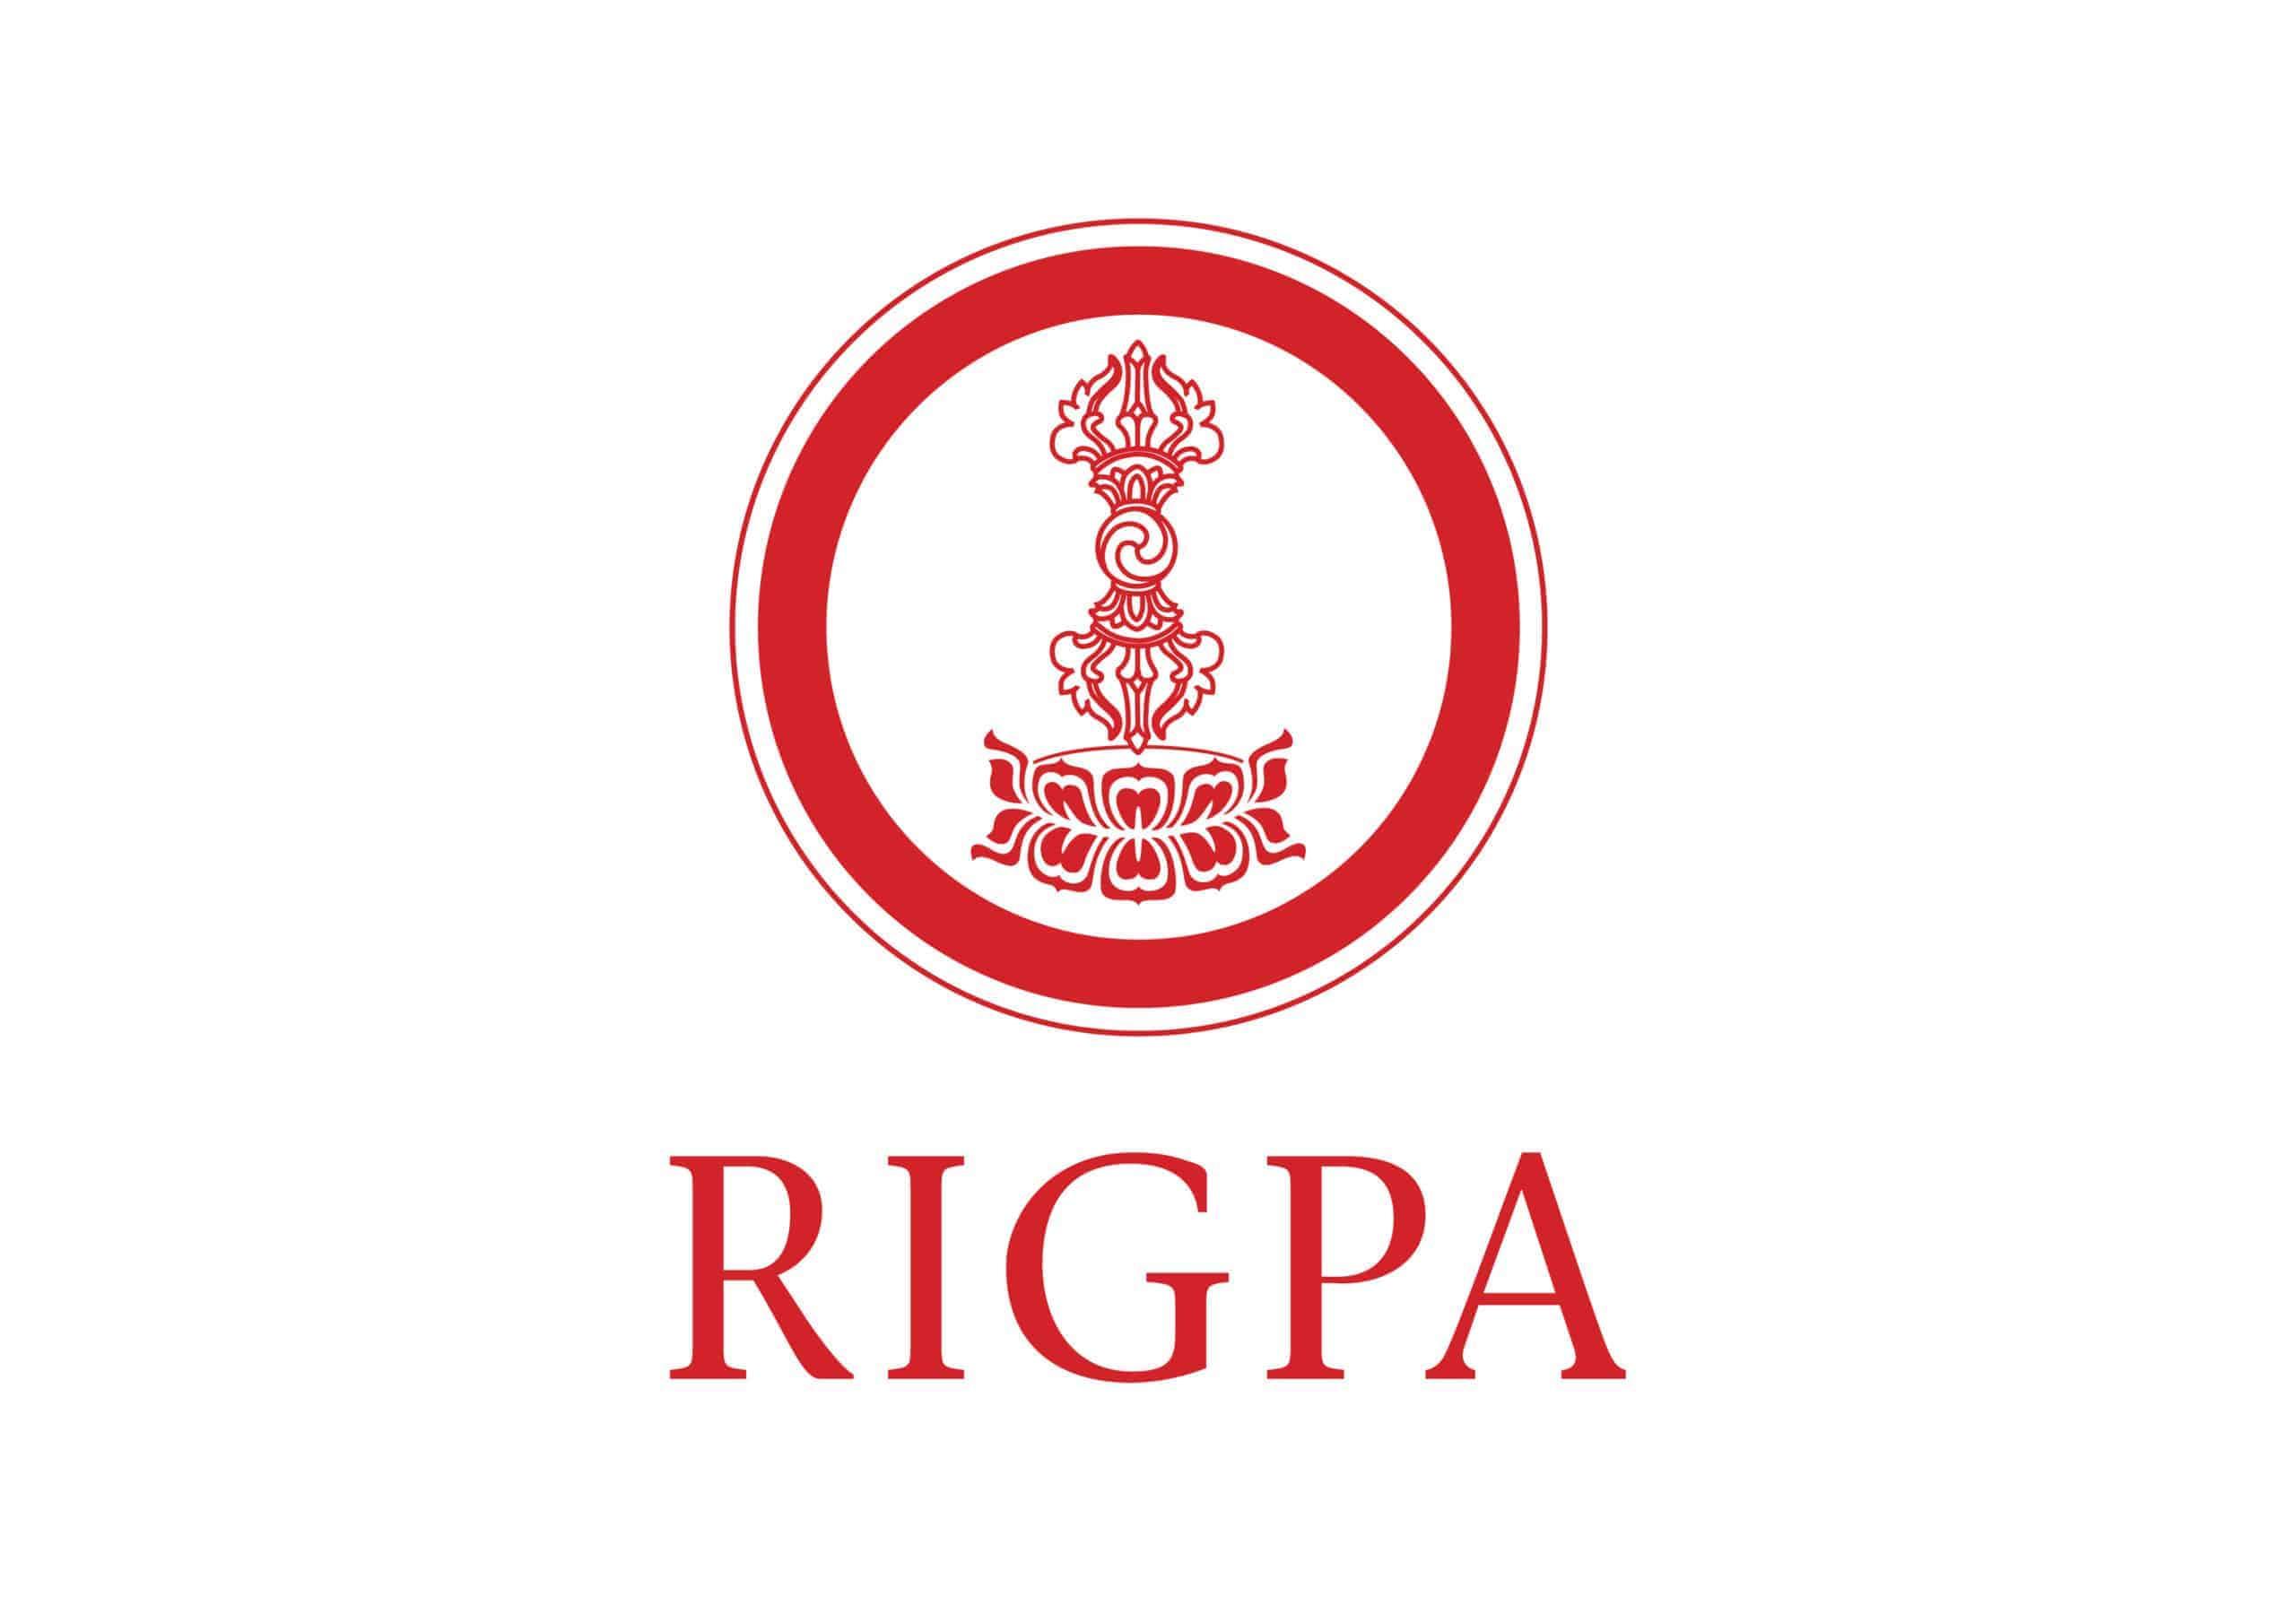 Rigpa Verein für tibetischen Buddhismus e.V.